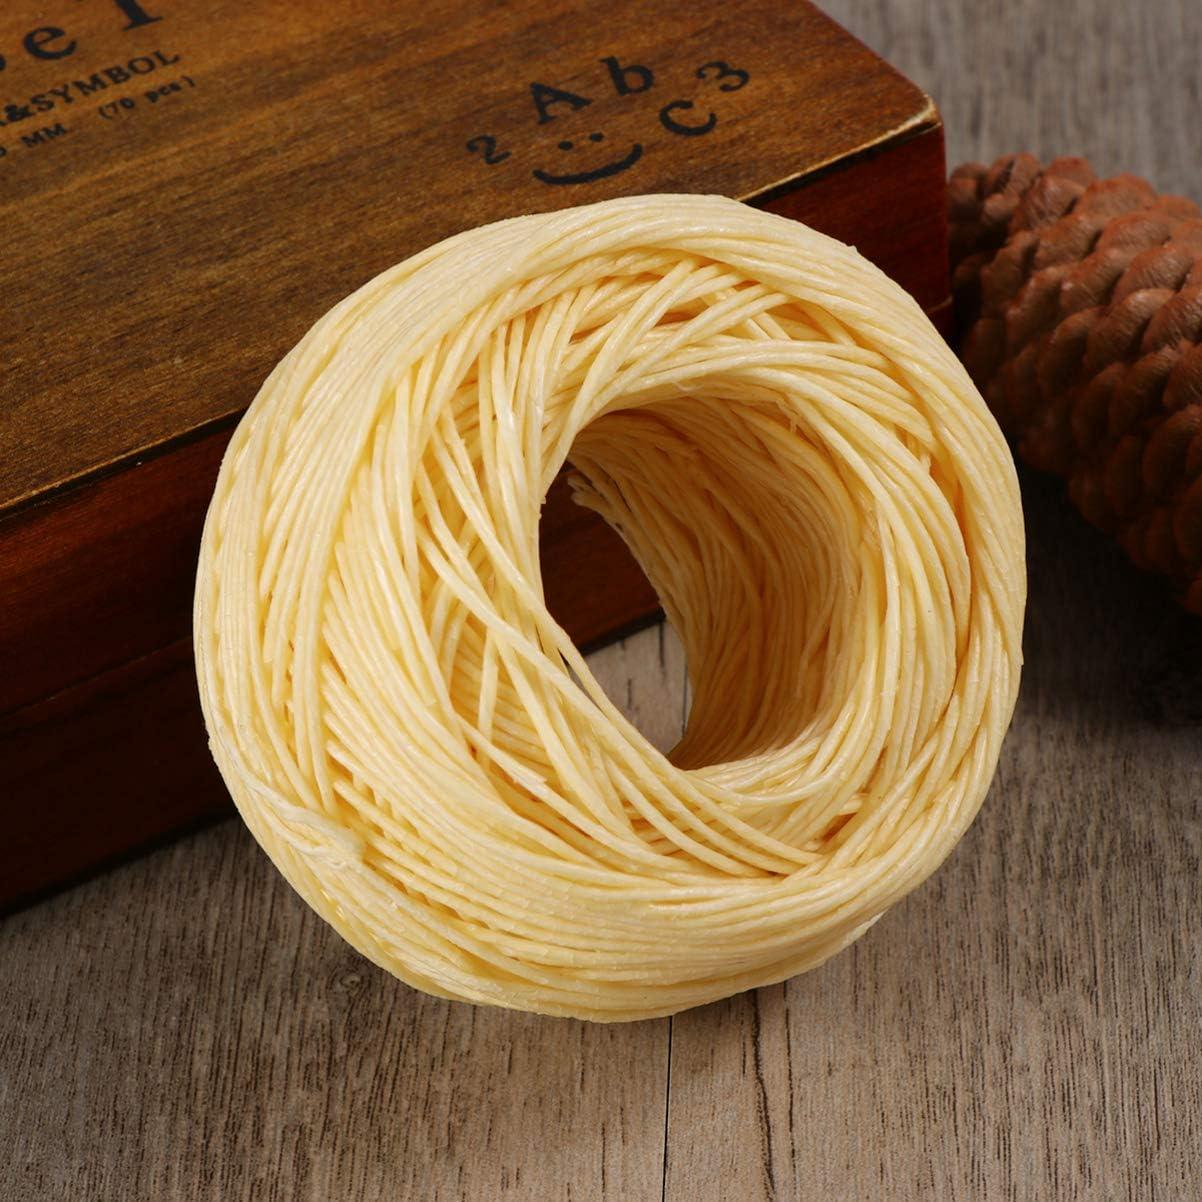 Heallily mecha de c/á/ñamo de cera de abejas baja en humo para proyecto artesanal fabricaci/ón de velas diy 61m